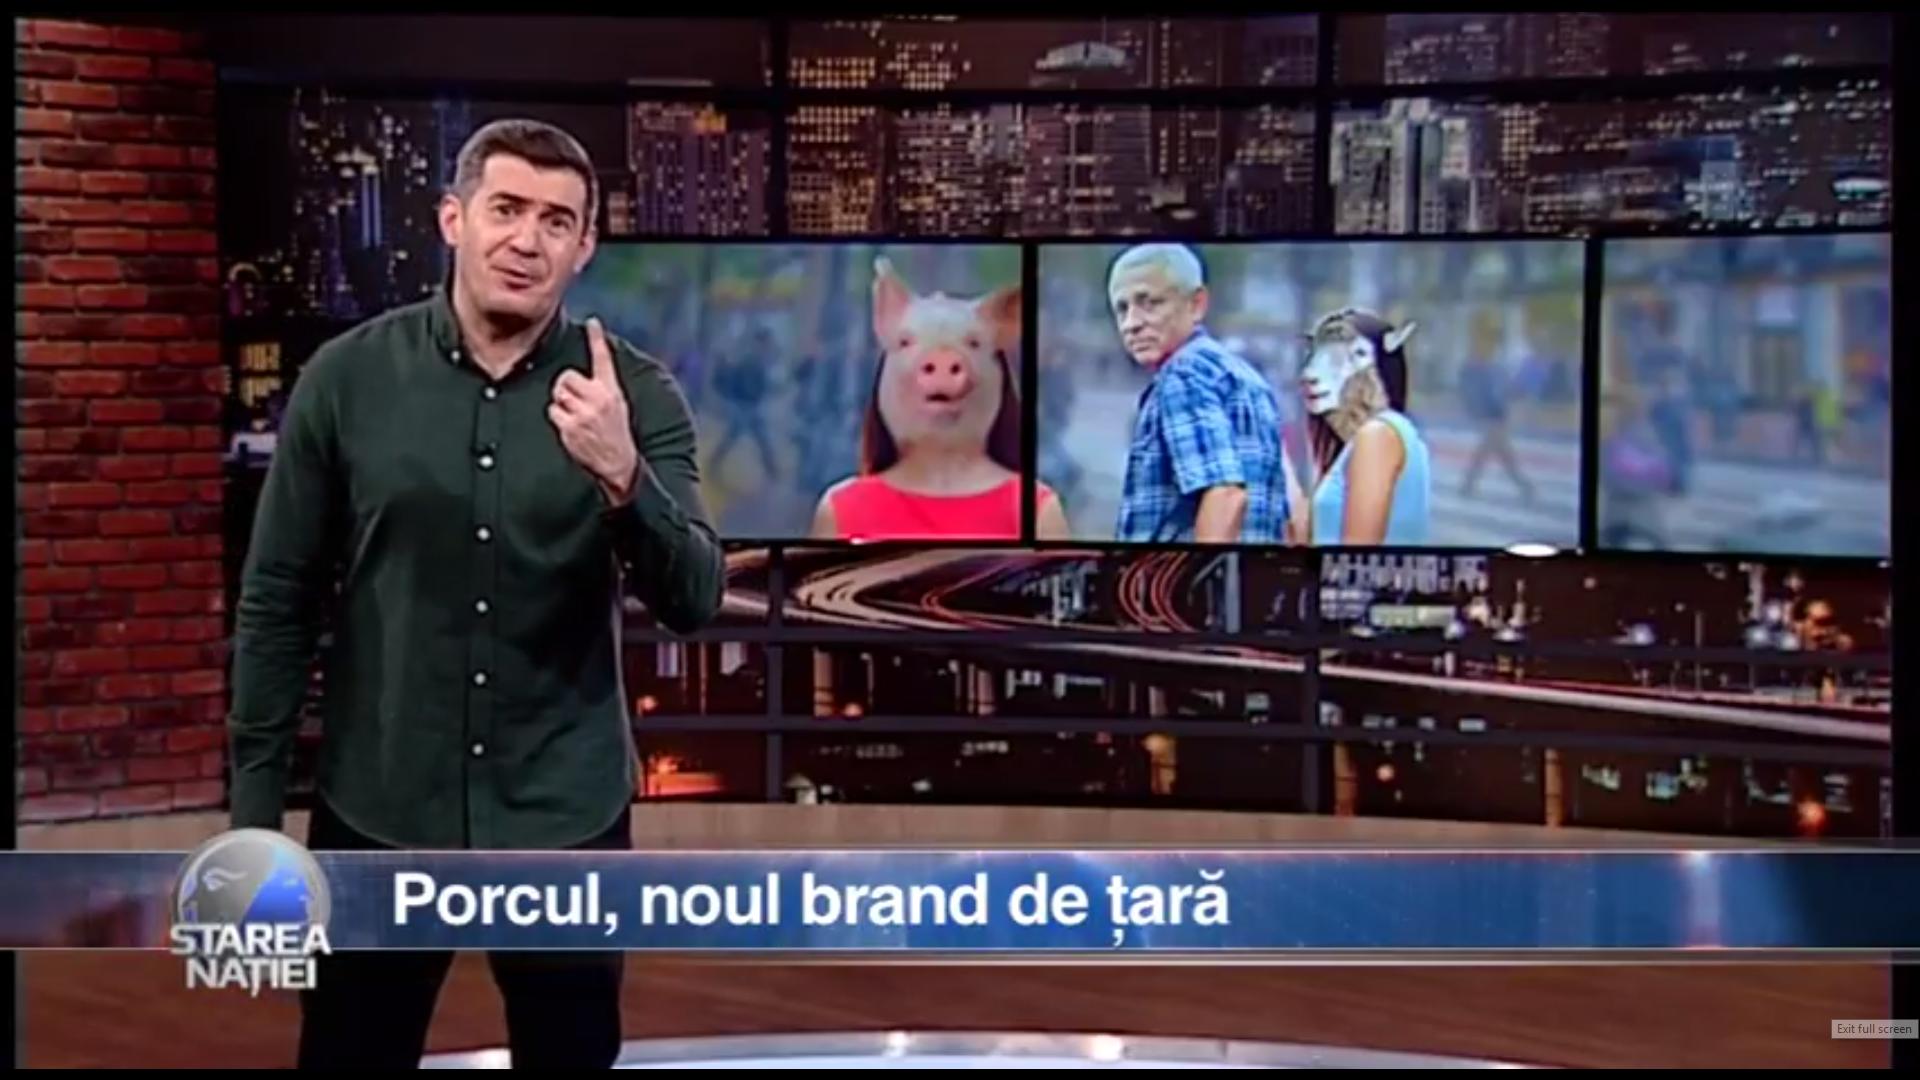 Porcul, noul brand de țară